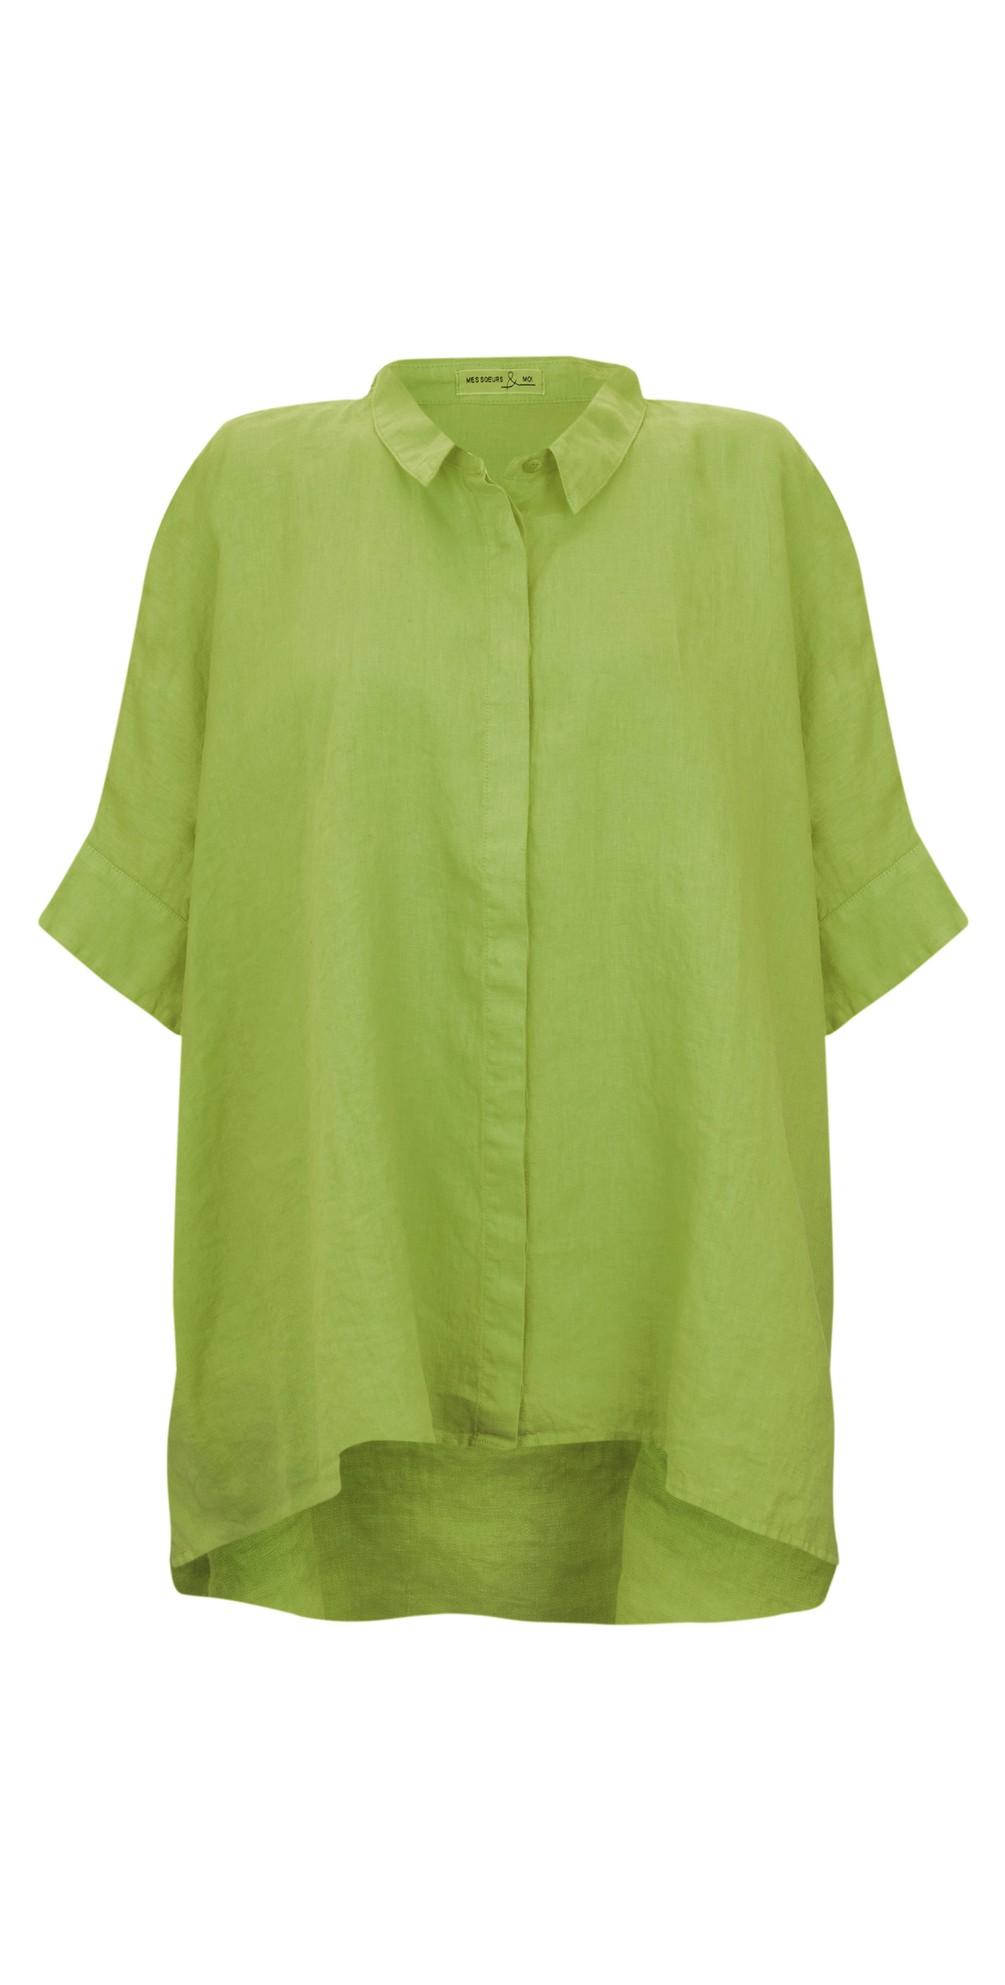 Anubus Oversized Shirt main image